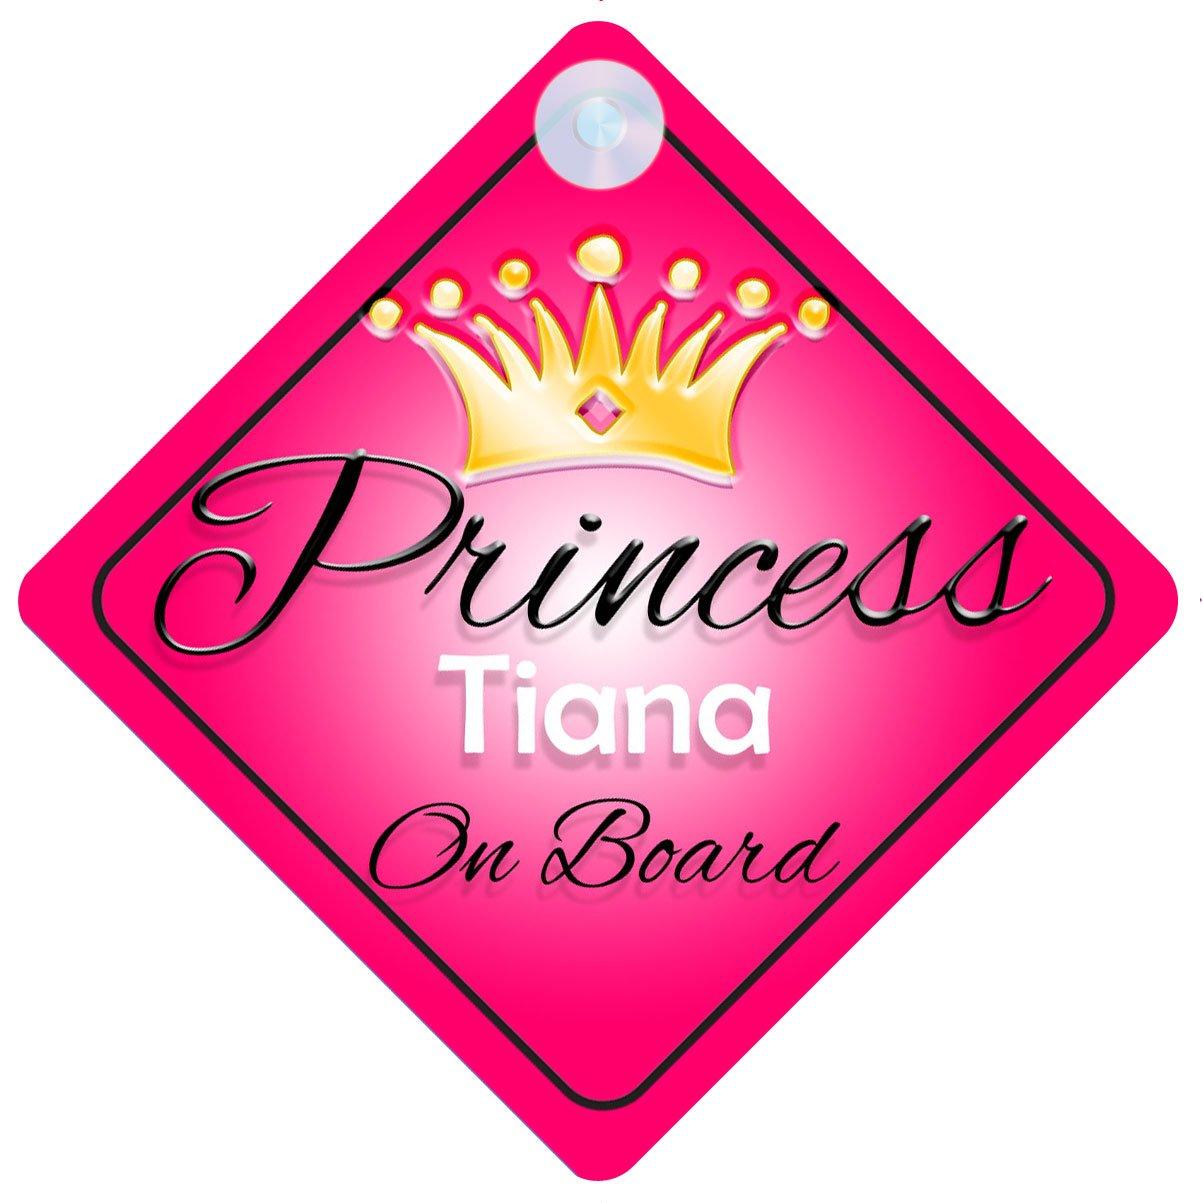 Princesse–Tiana on Board Personnalisé Fille Voiture Panneau pour bébé/enfant cadeau 001 mybabyonboard UK